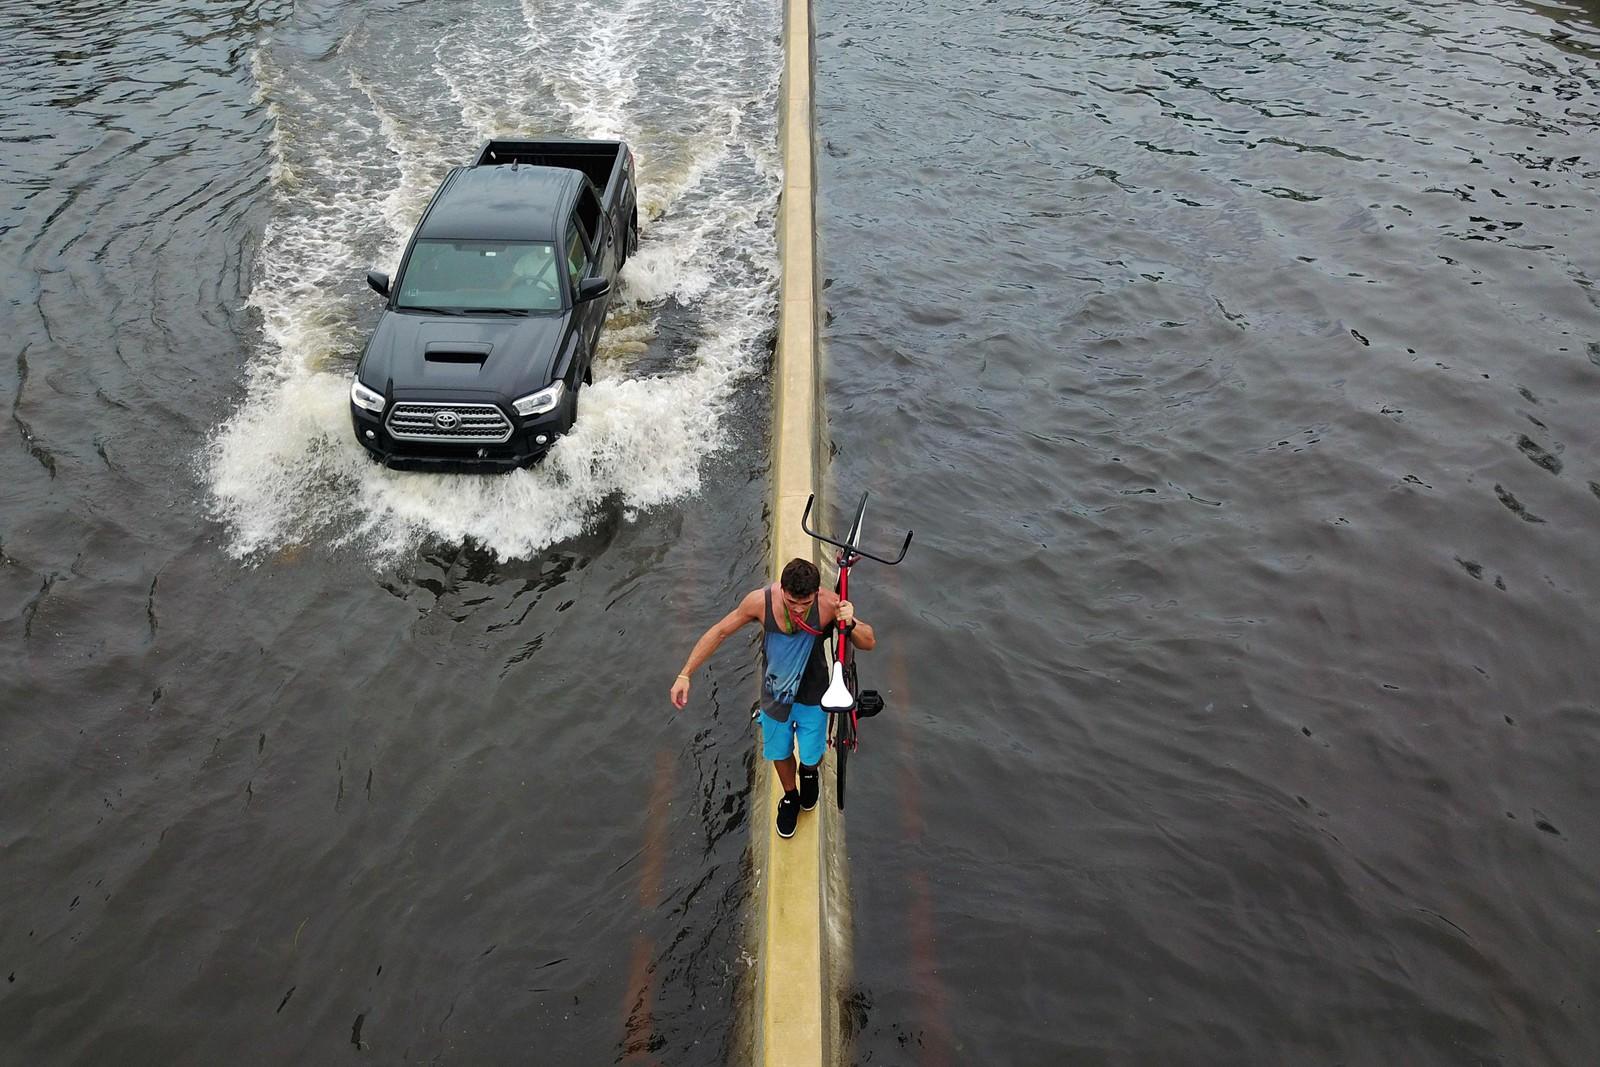 En mann balanserer på en veideler med en sykkel mens en annen velger bilen. Puerto Rico er ramma av store oversvømmelser etter at orkanen Maria traff øya denne uka.